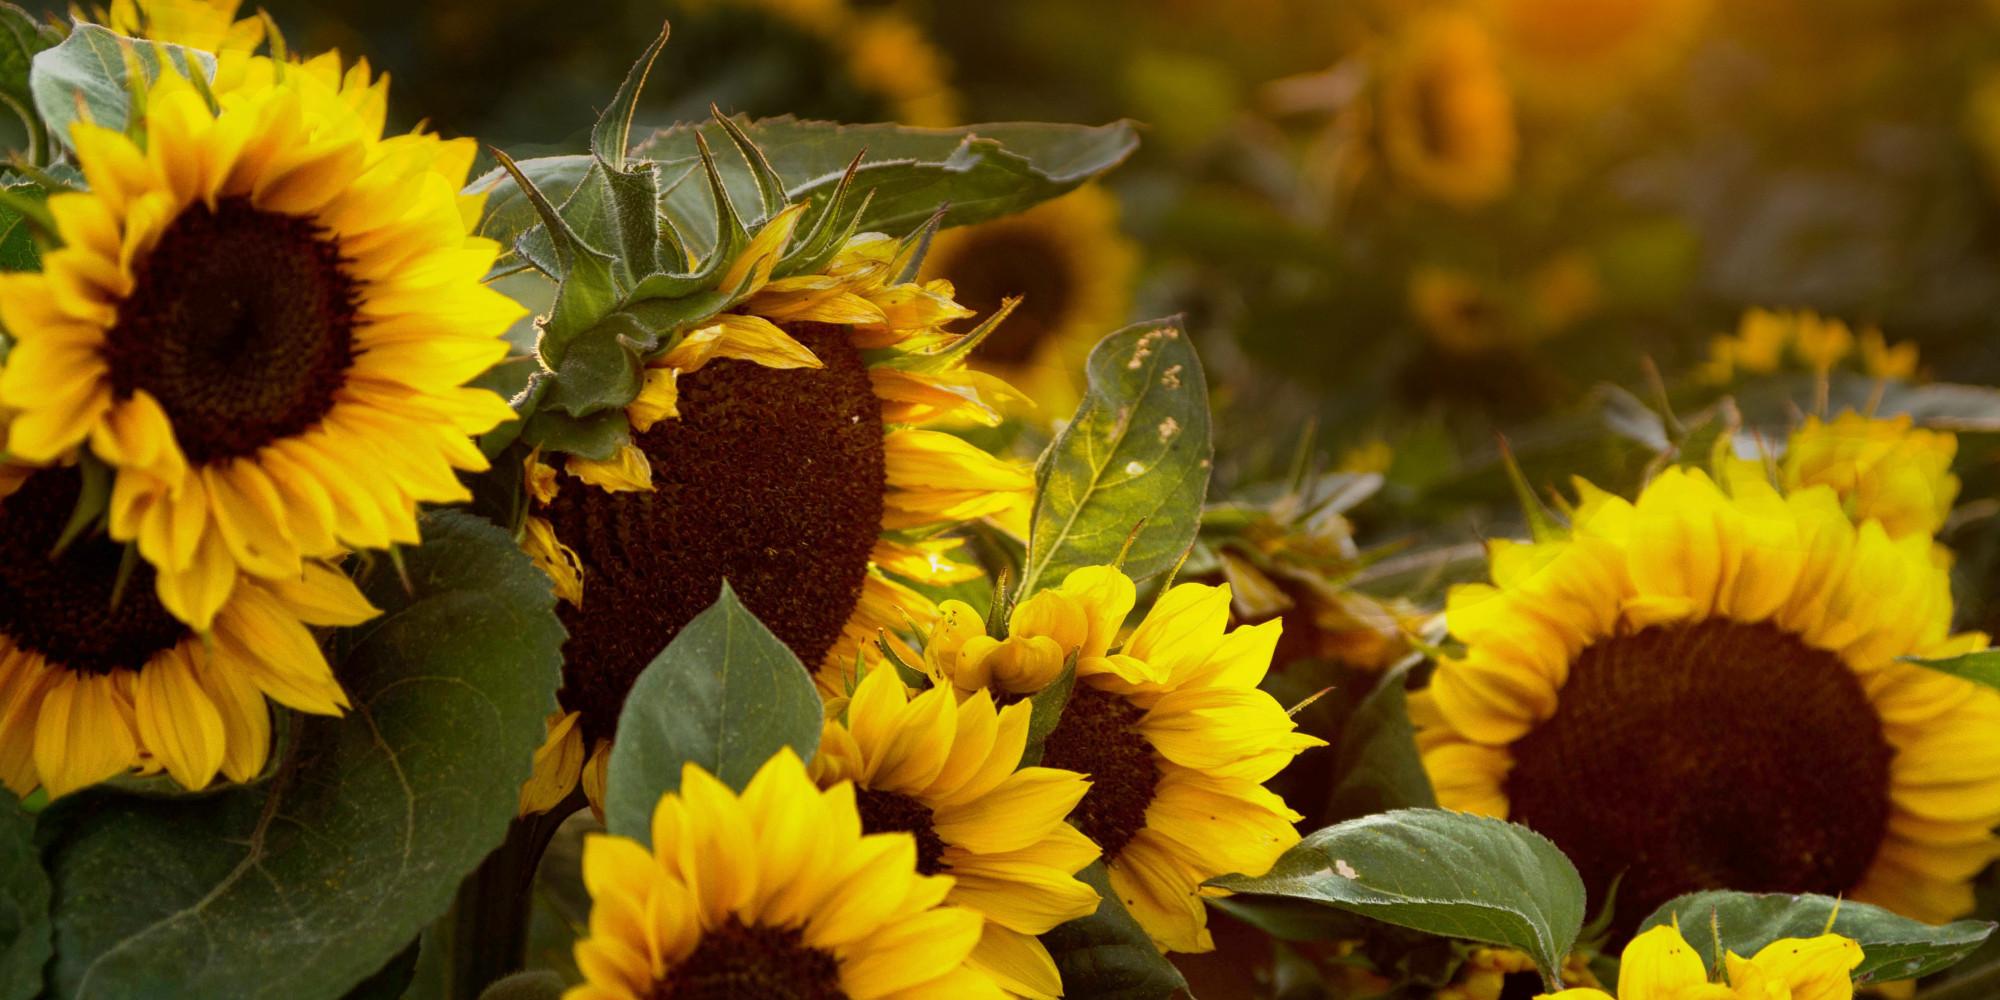 Sunflower Sutra - Poem by Allen Ginsberg